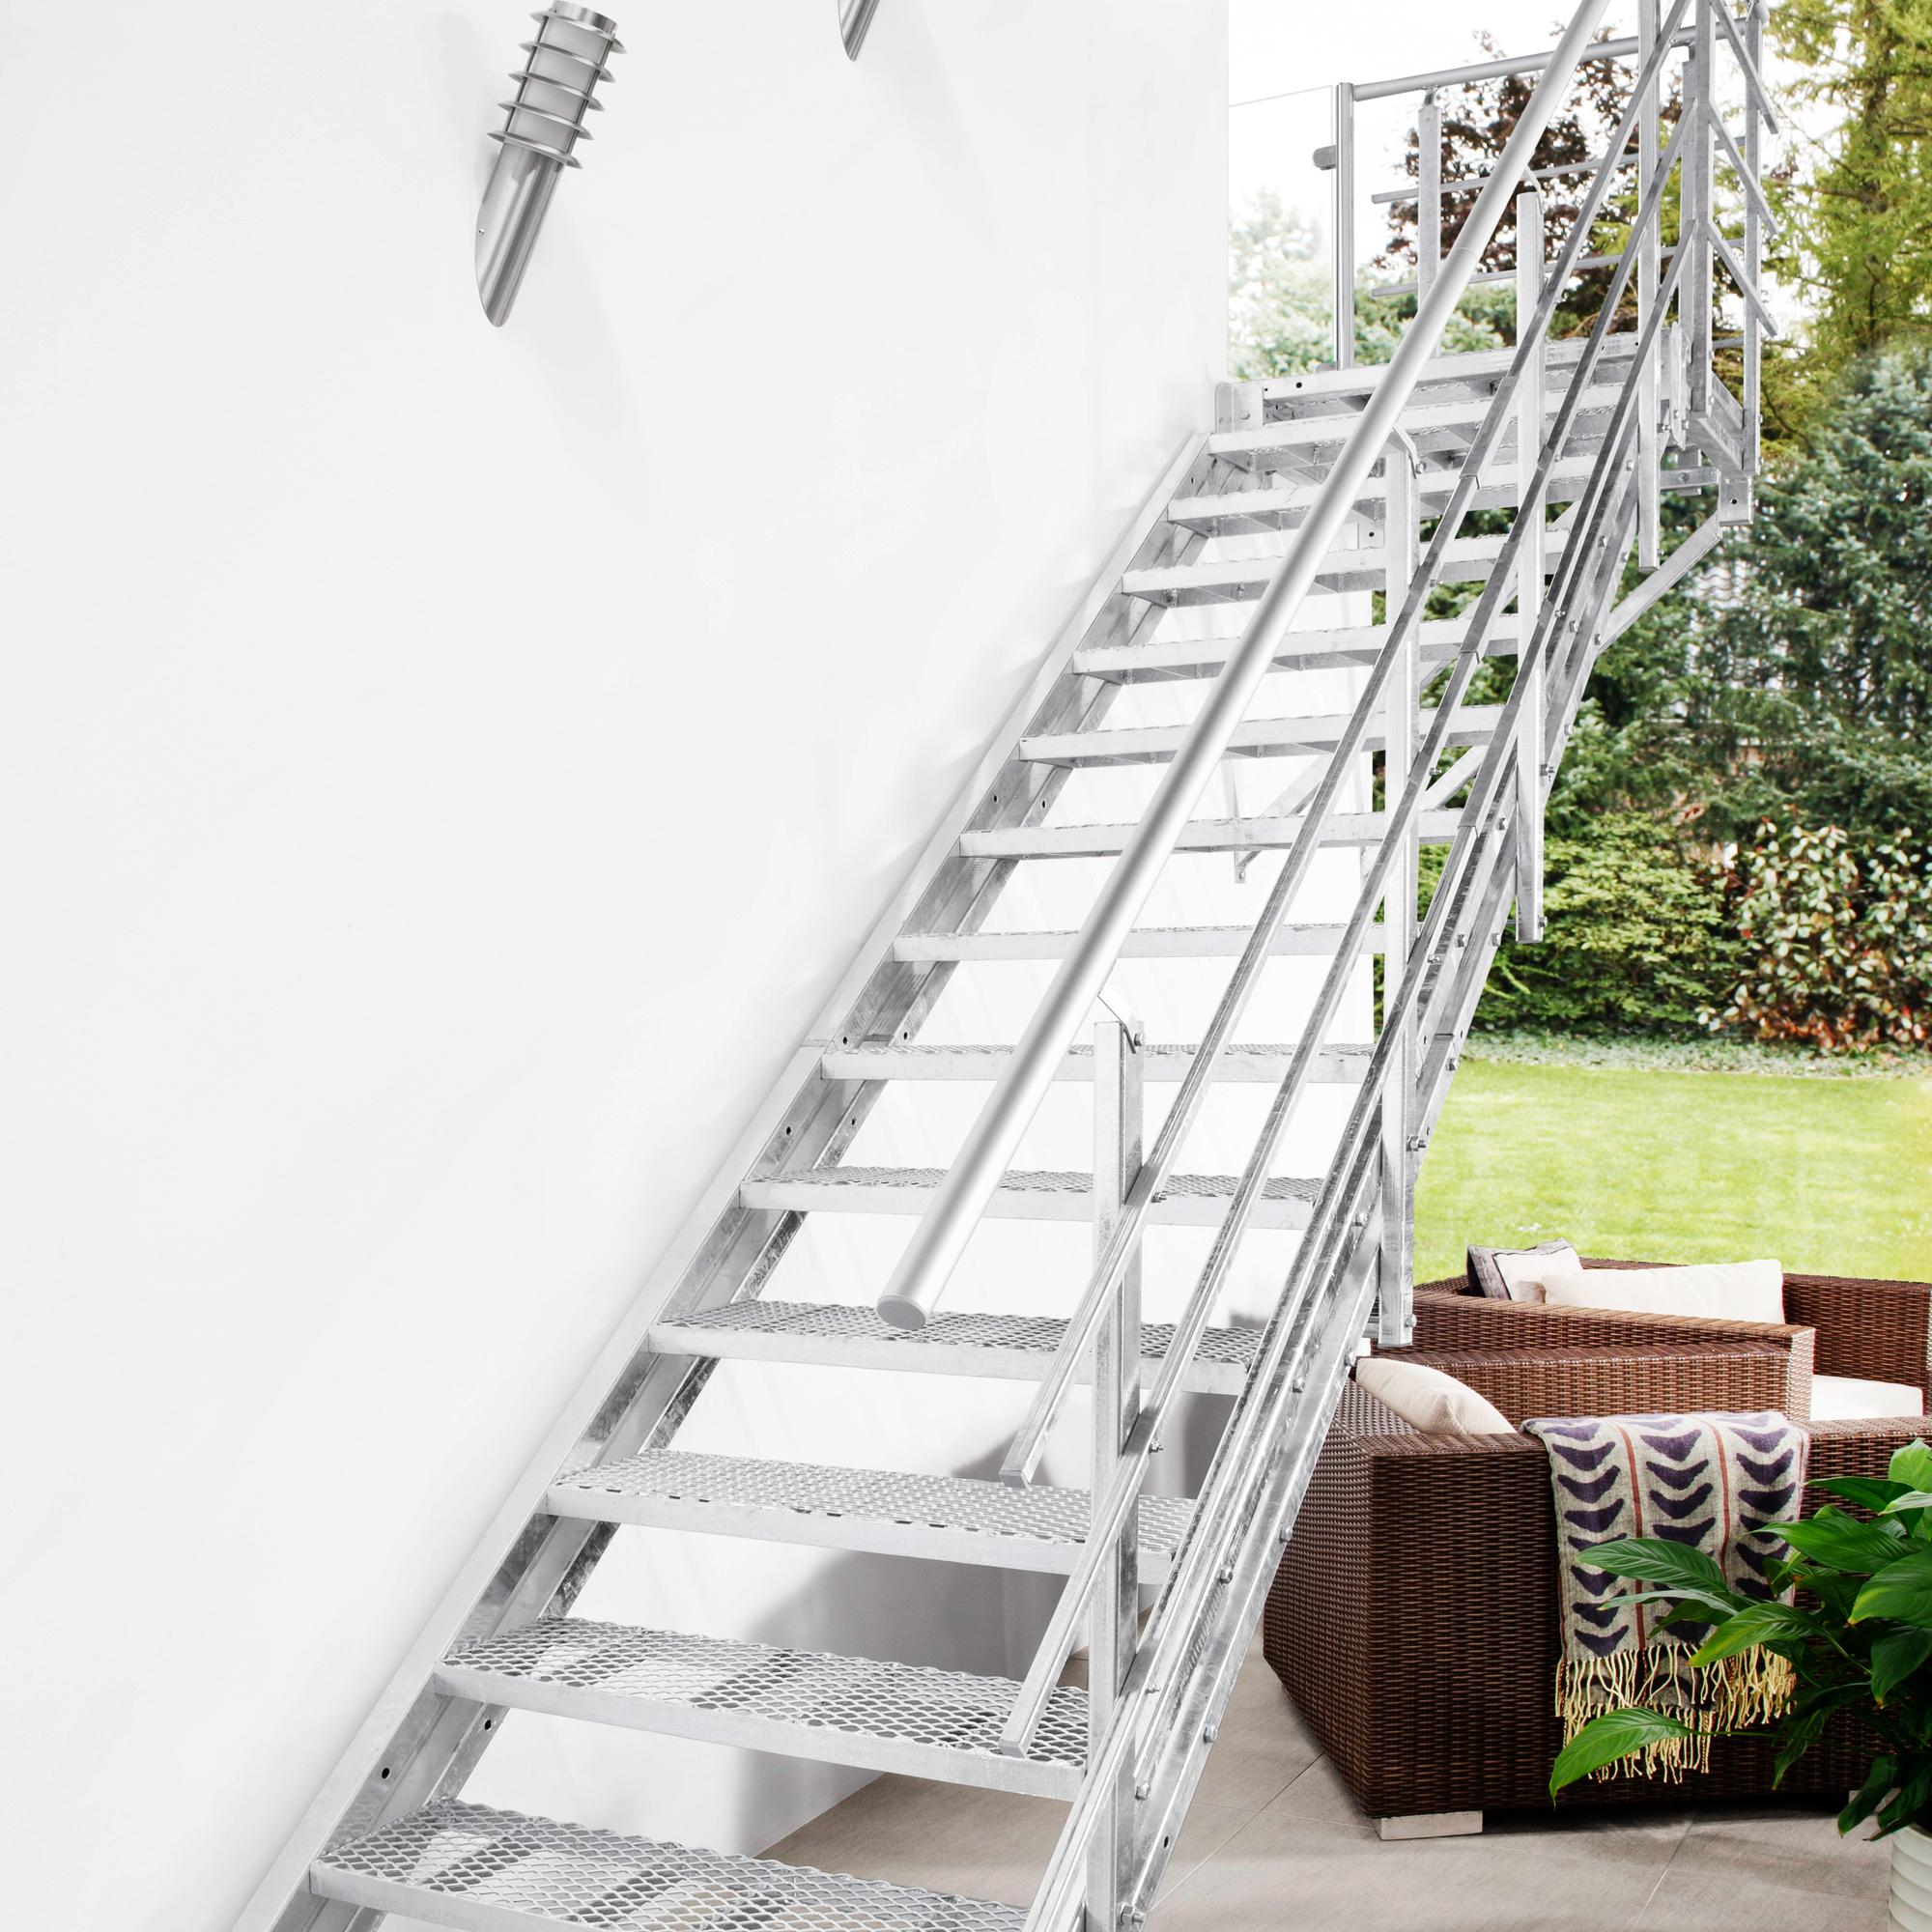 treppe aus stahl als ideale au entreppe g nstige preise. Black Bedroom Furniture Sets. Home Design Ideas